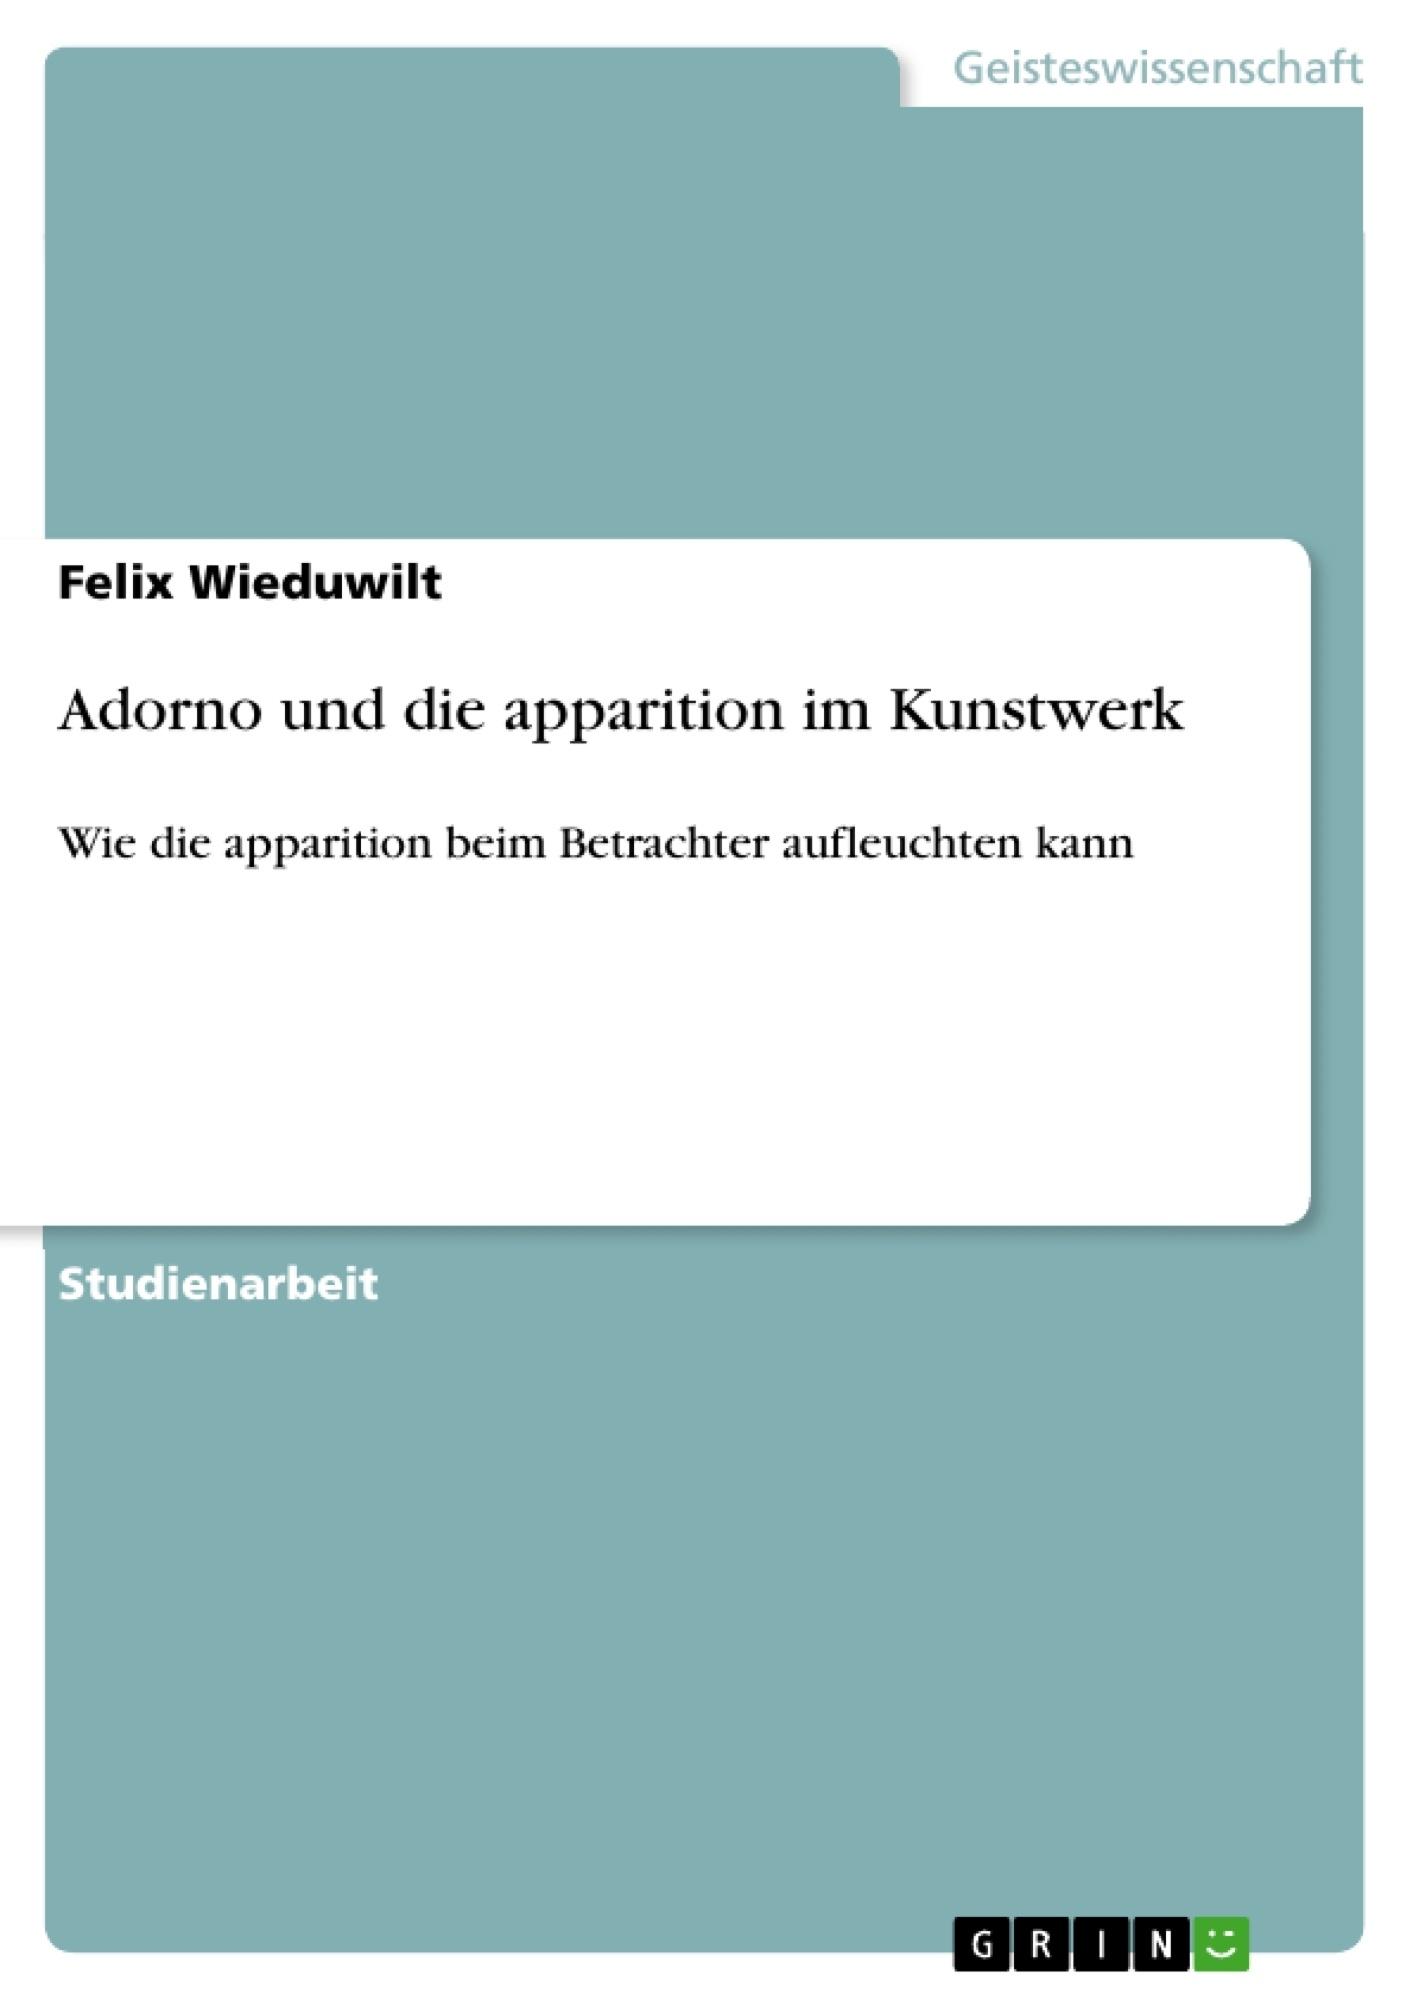 Titel: Adorno und die apparition im Kunstwerk